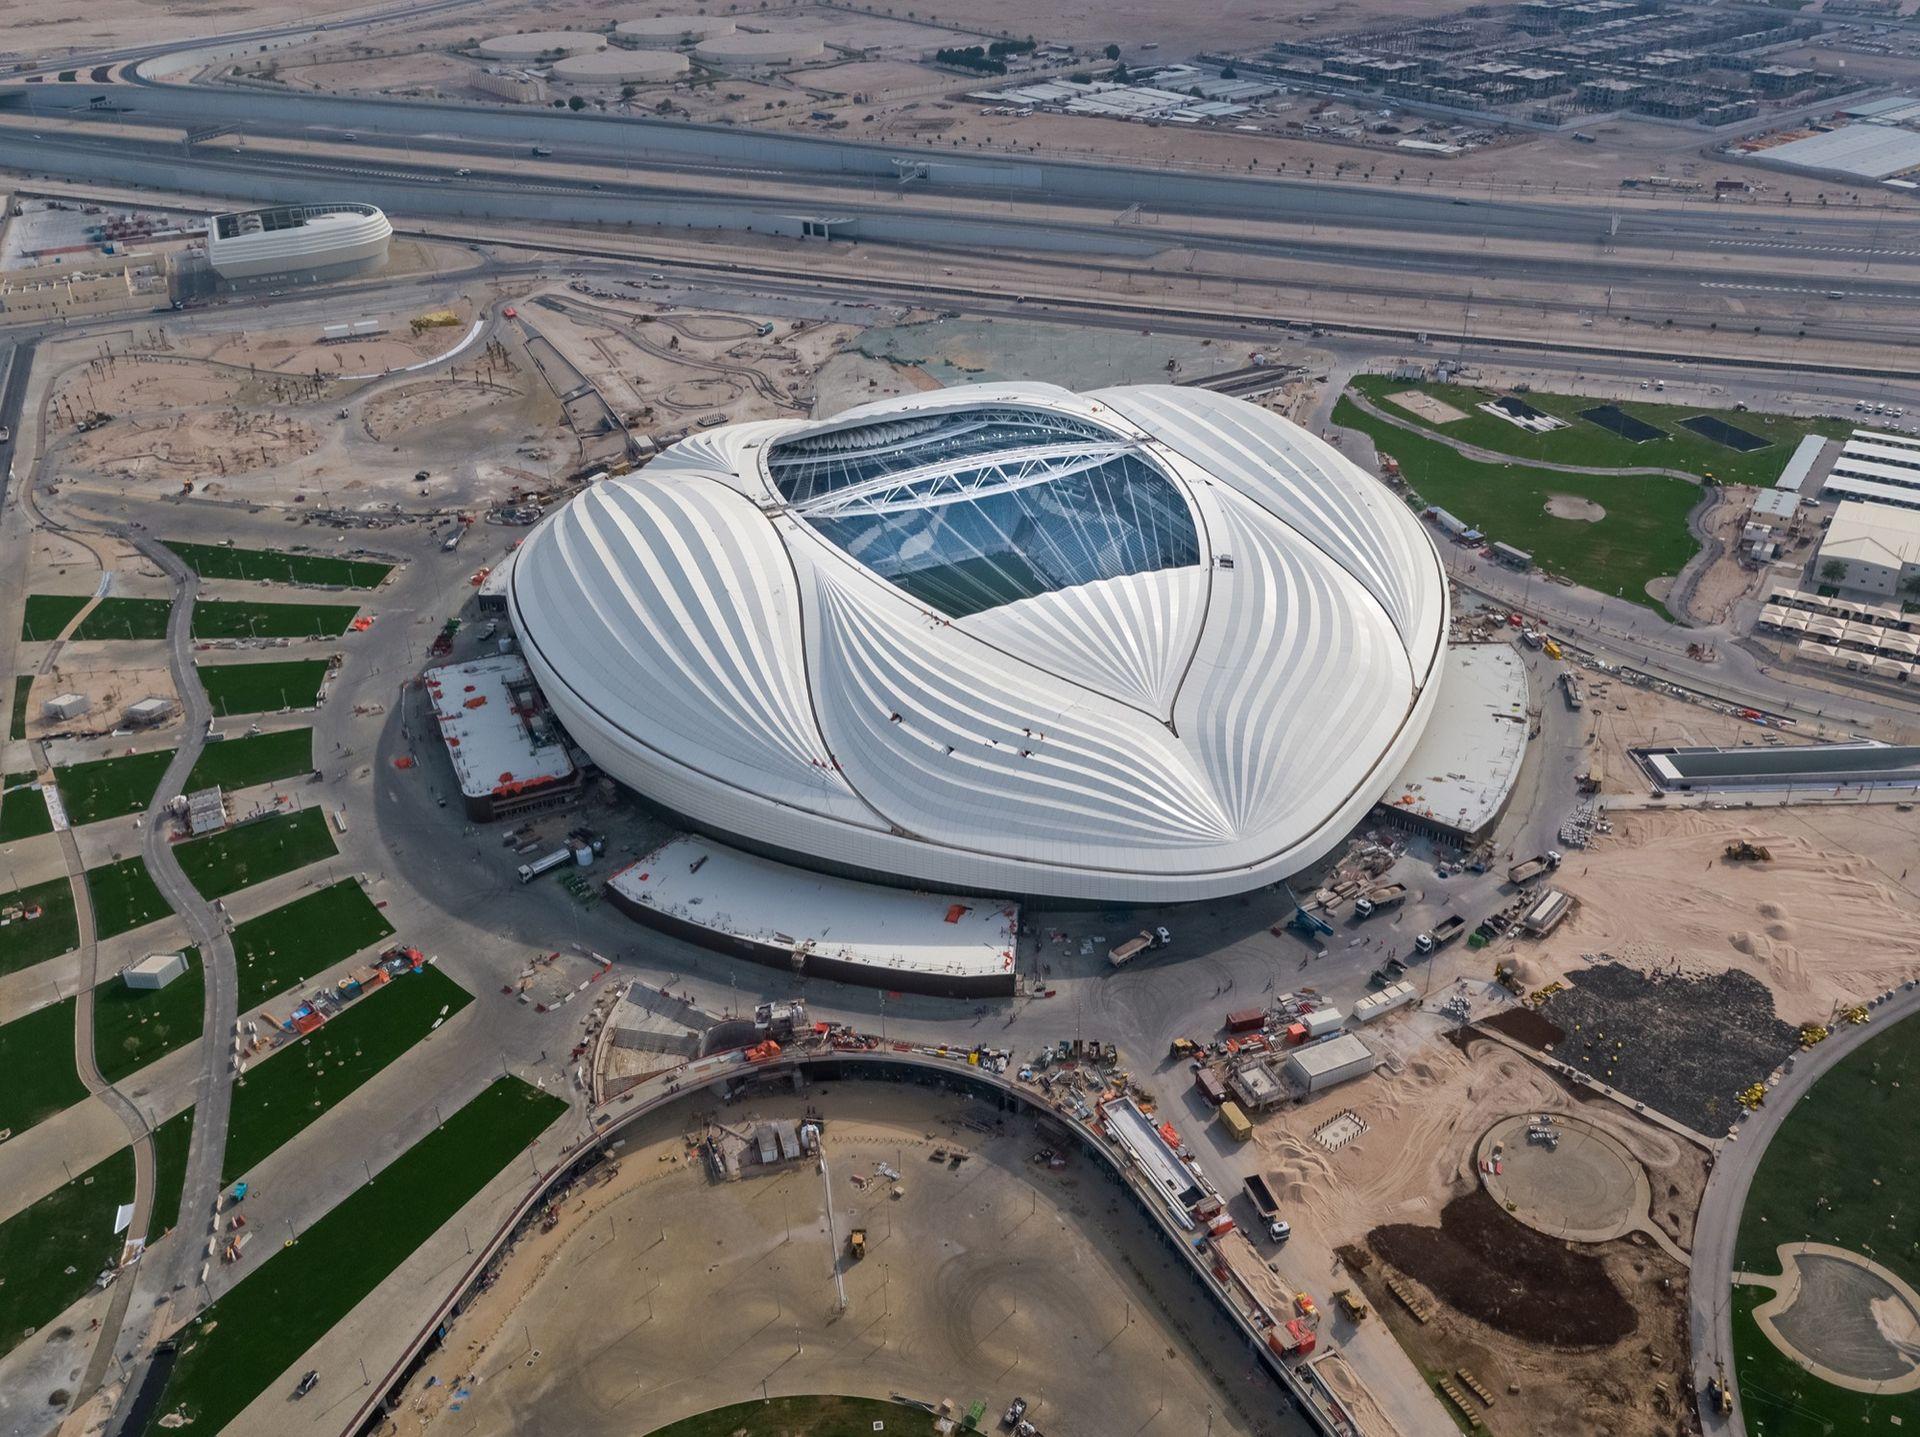 Qatar börjar med luftkonditionering utomhus